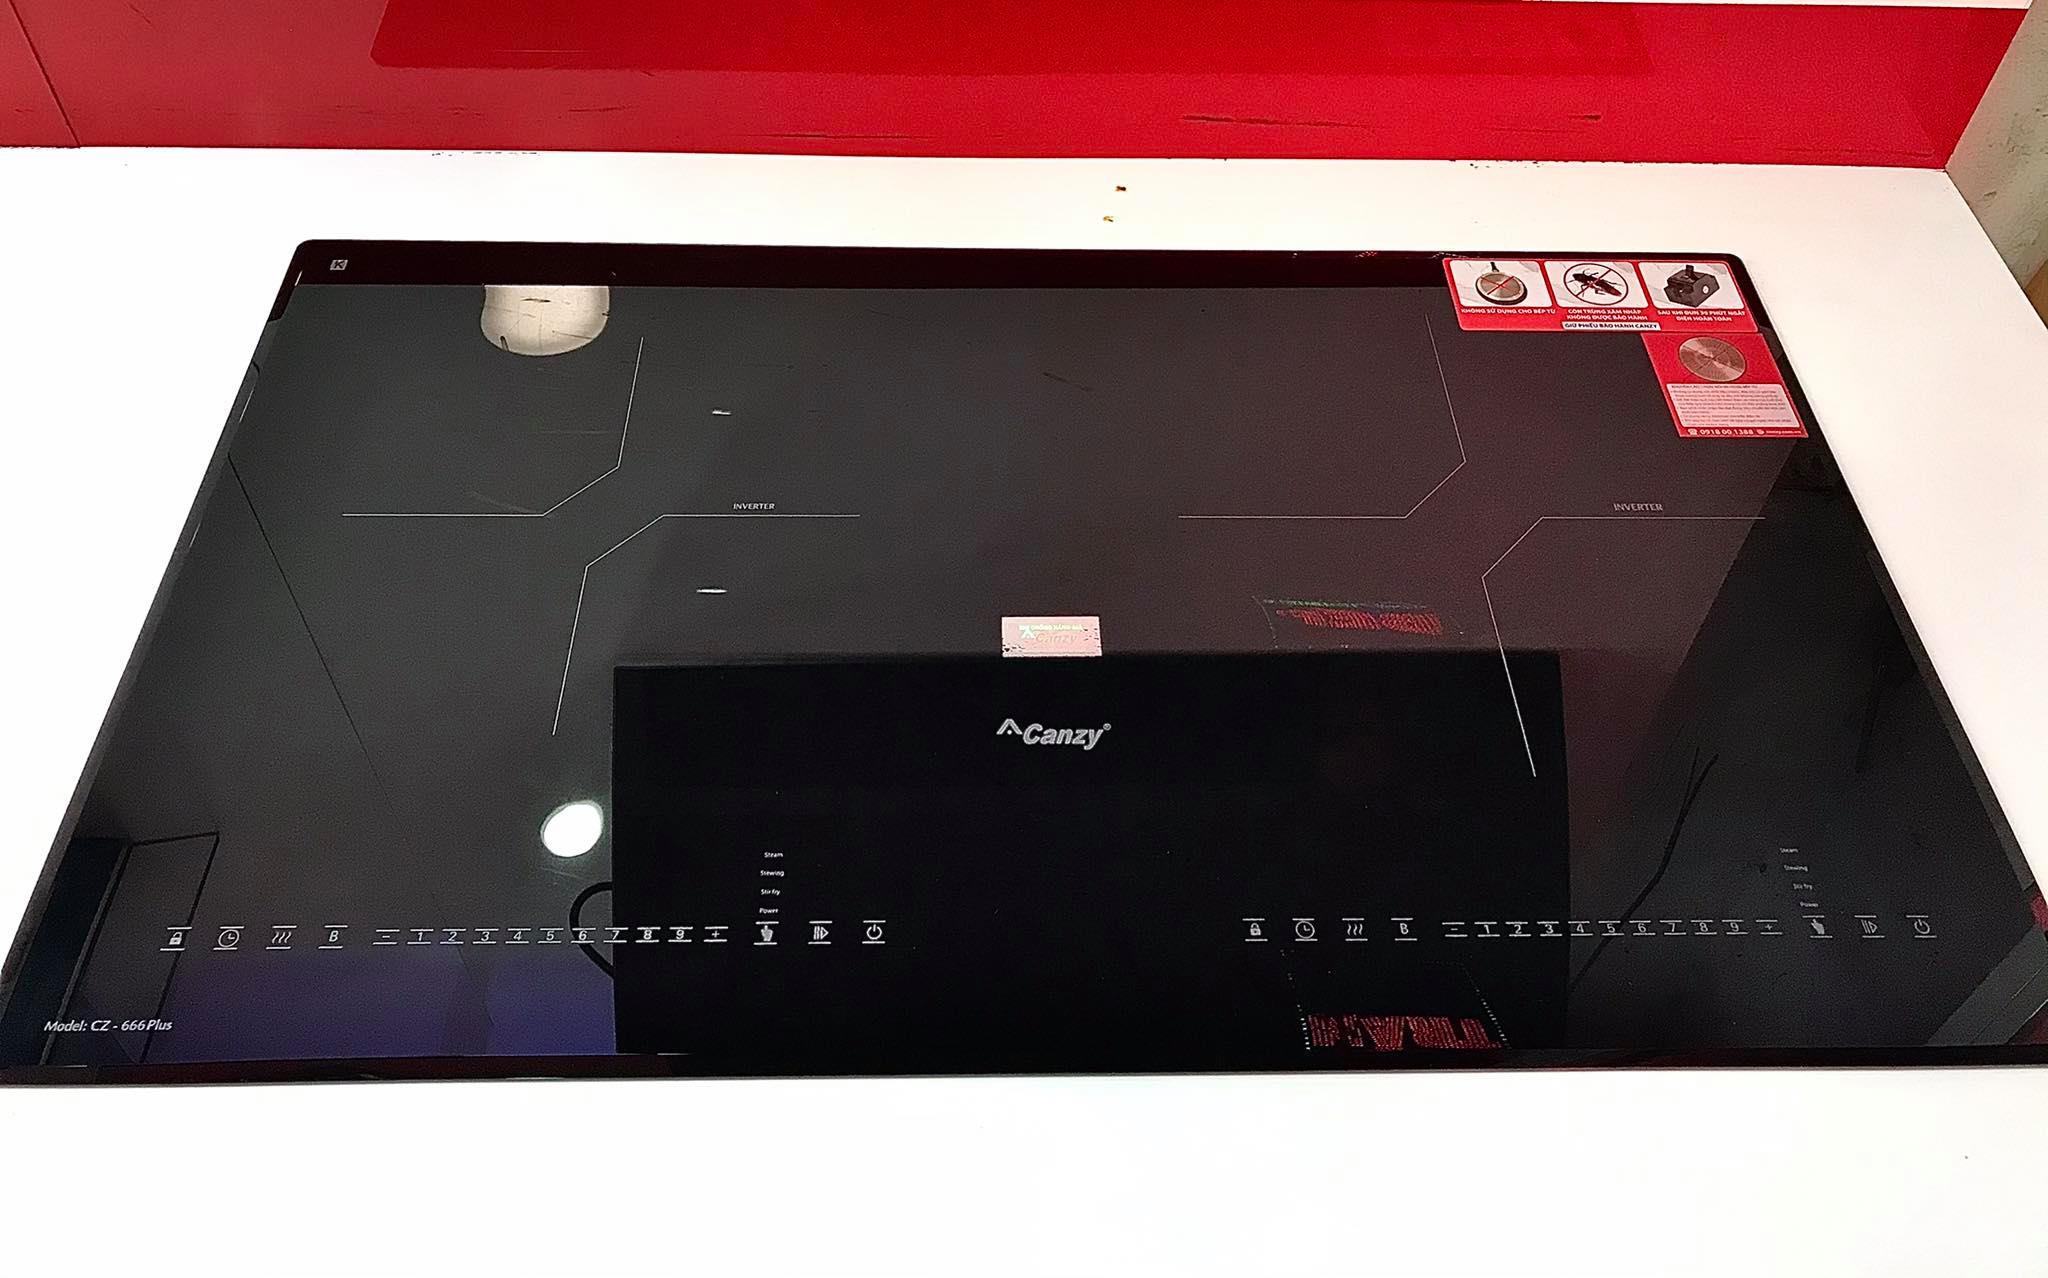 Bếp từ Canzy CZ-666Plus chính hãng, bảo hành 05 năm tại nhà